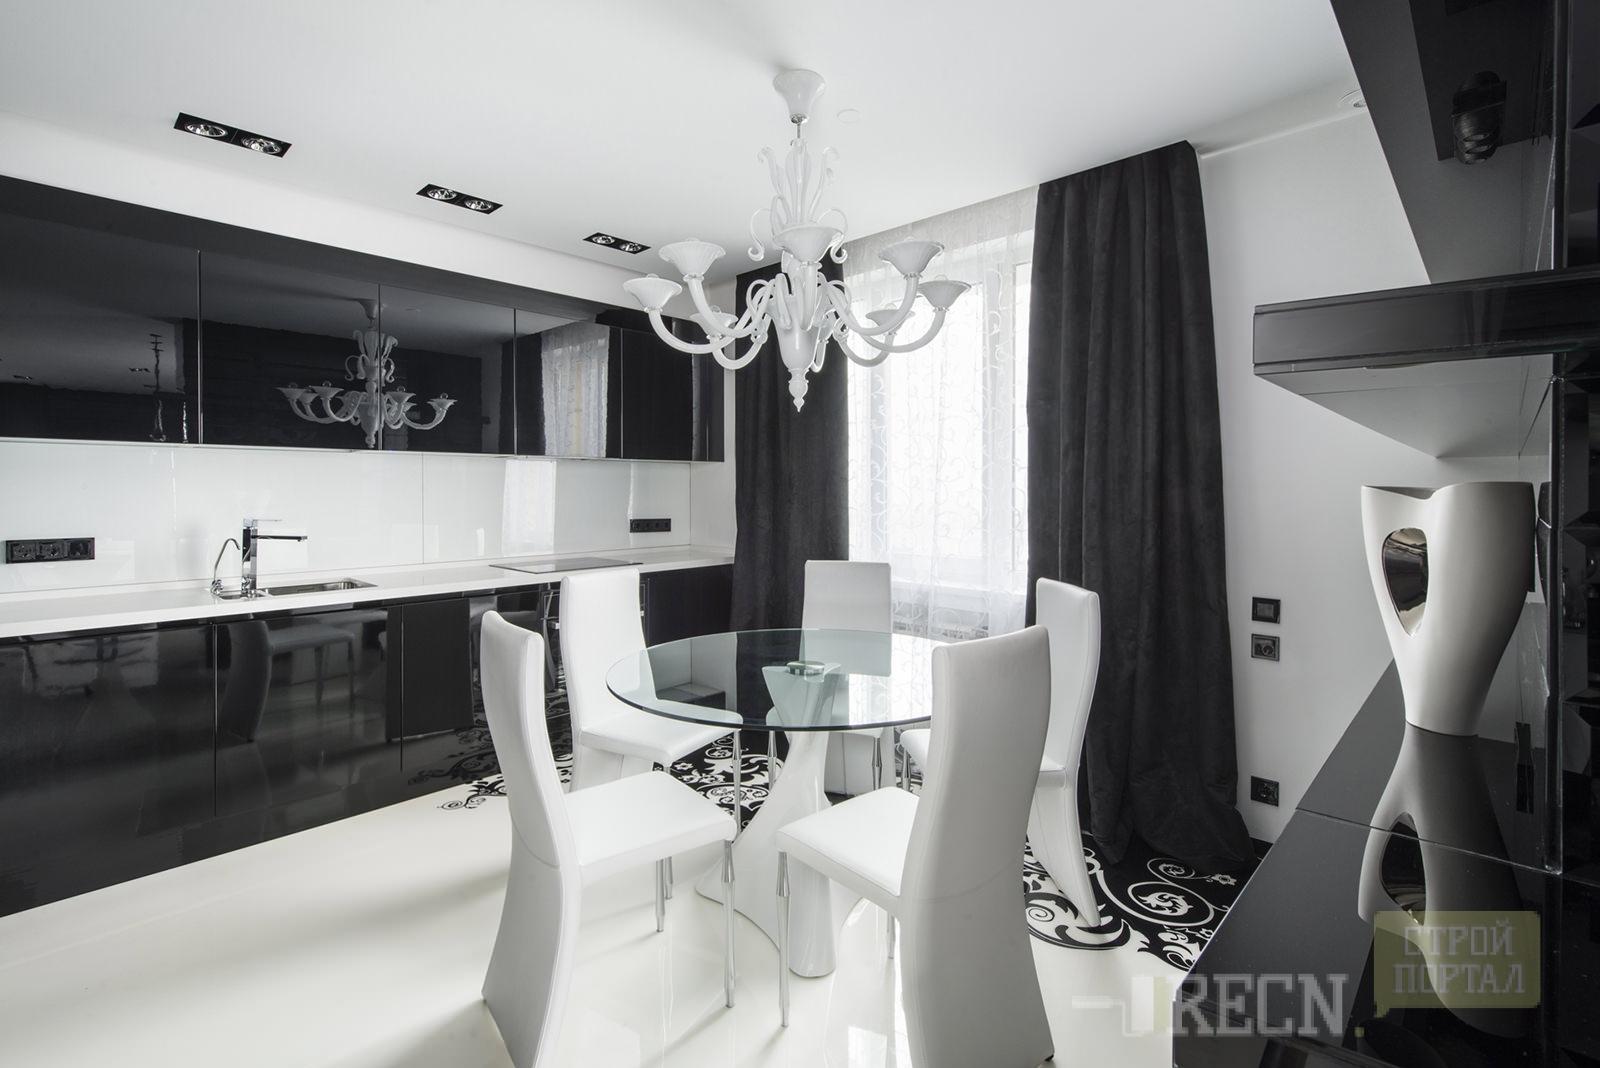 Дизайн кухни в черно белом стиле фото